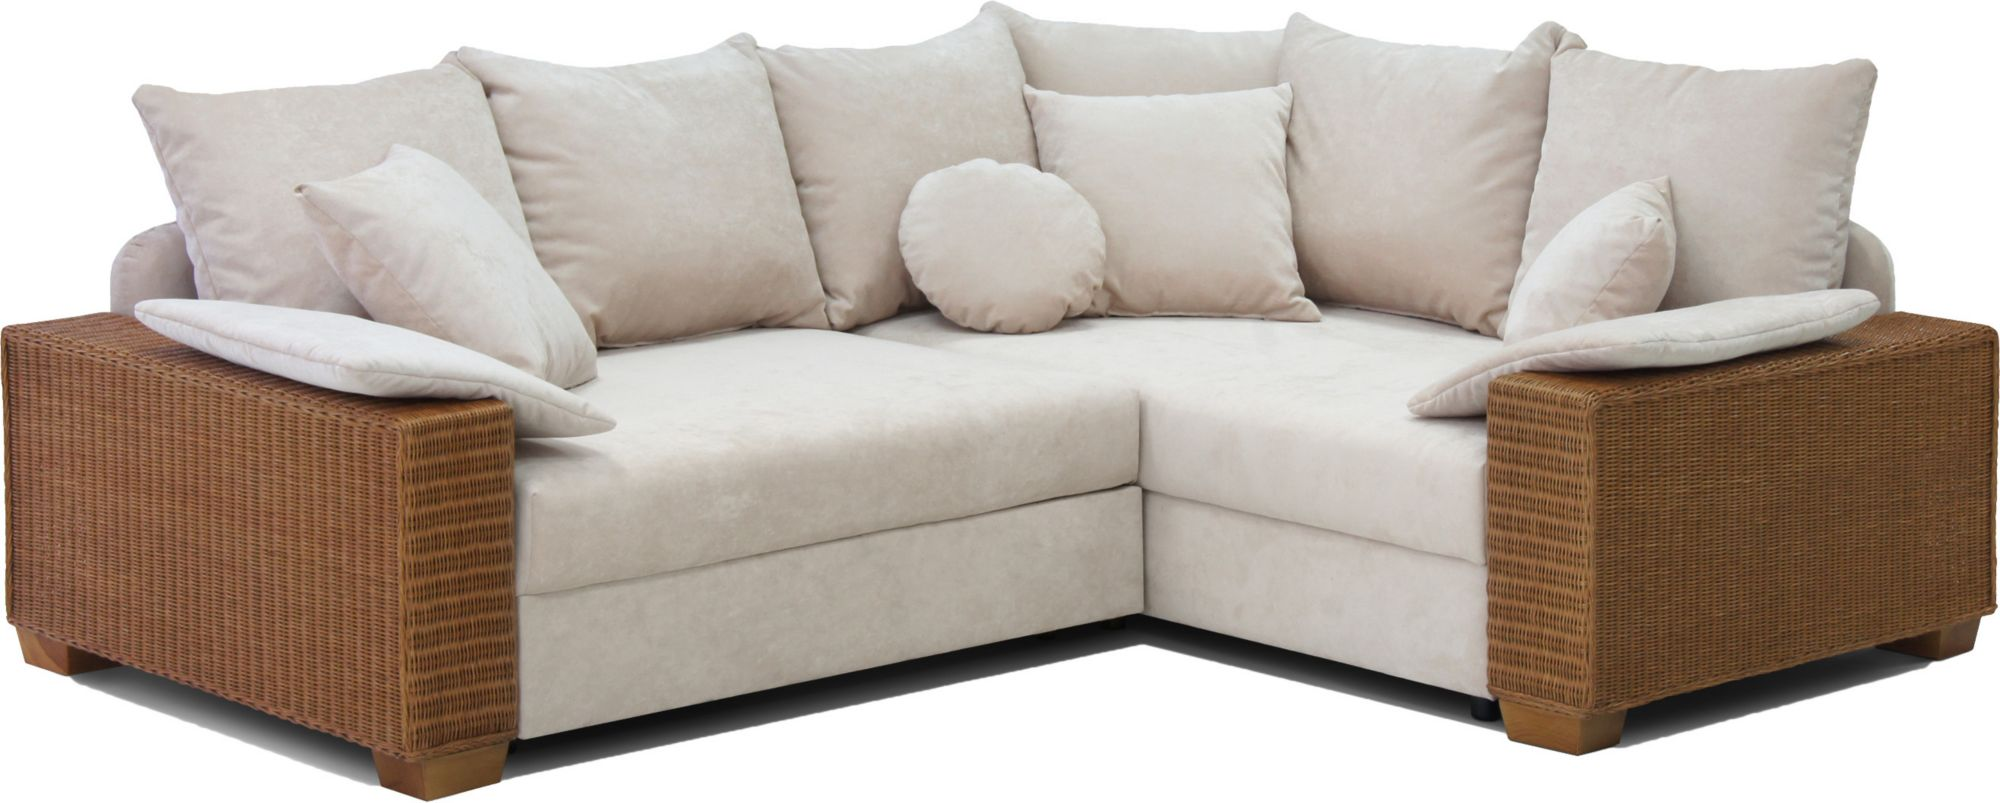 home affaire polsterecke kenia mit bettfunktion und federkern gestell honigfarben schwab. Black Bedroom Furniture Sets. Home Design Ideas